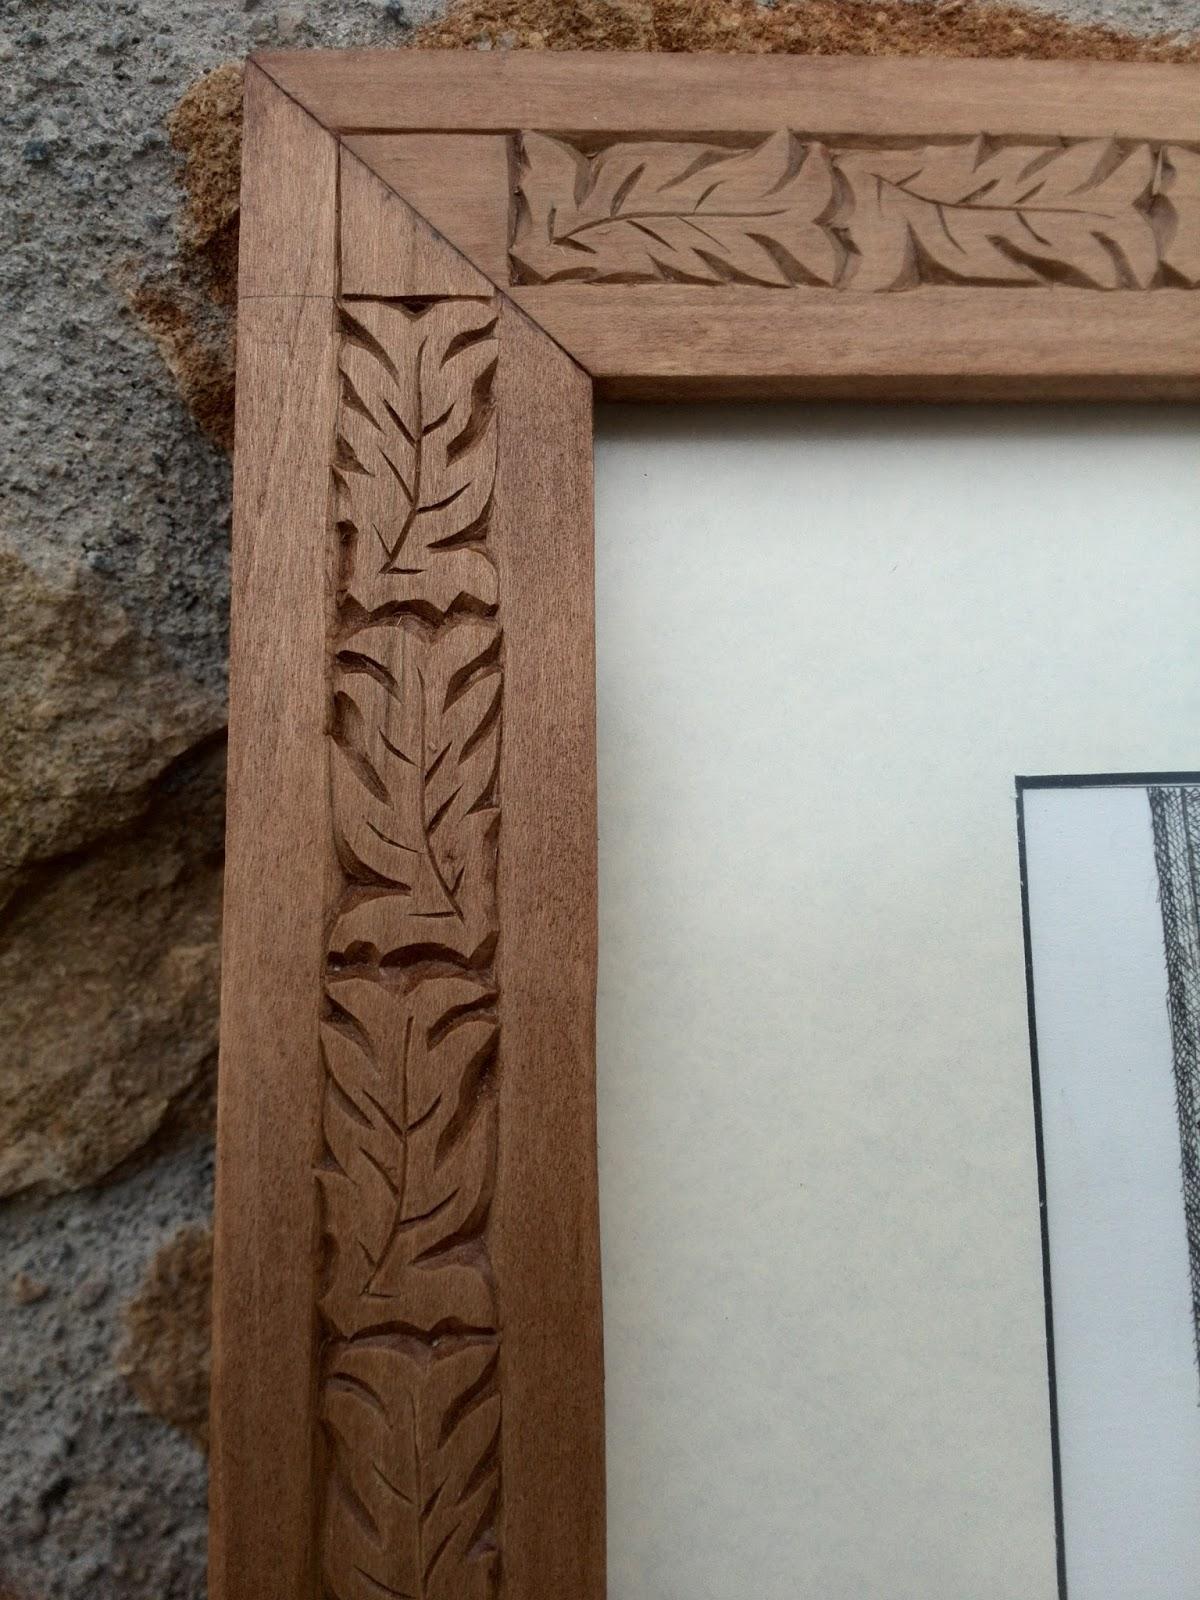 Artesania el valle marcos de fotos o cuadros en madera for Fotos en madera